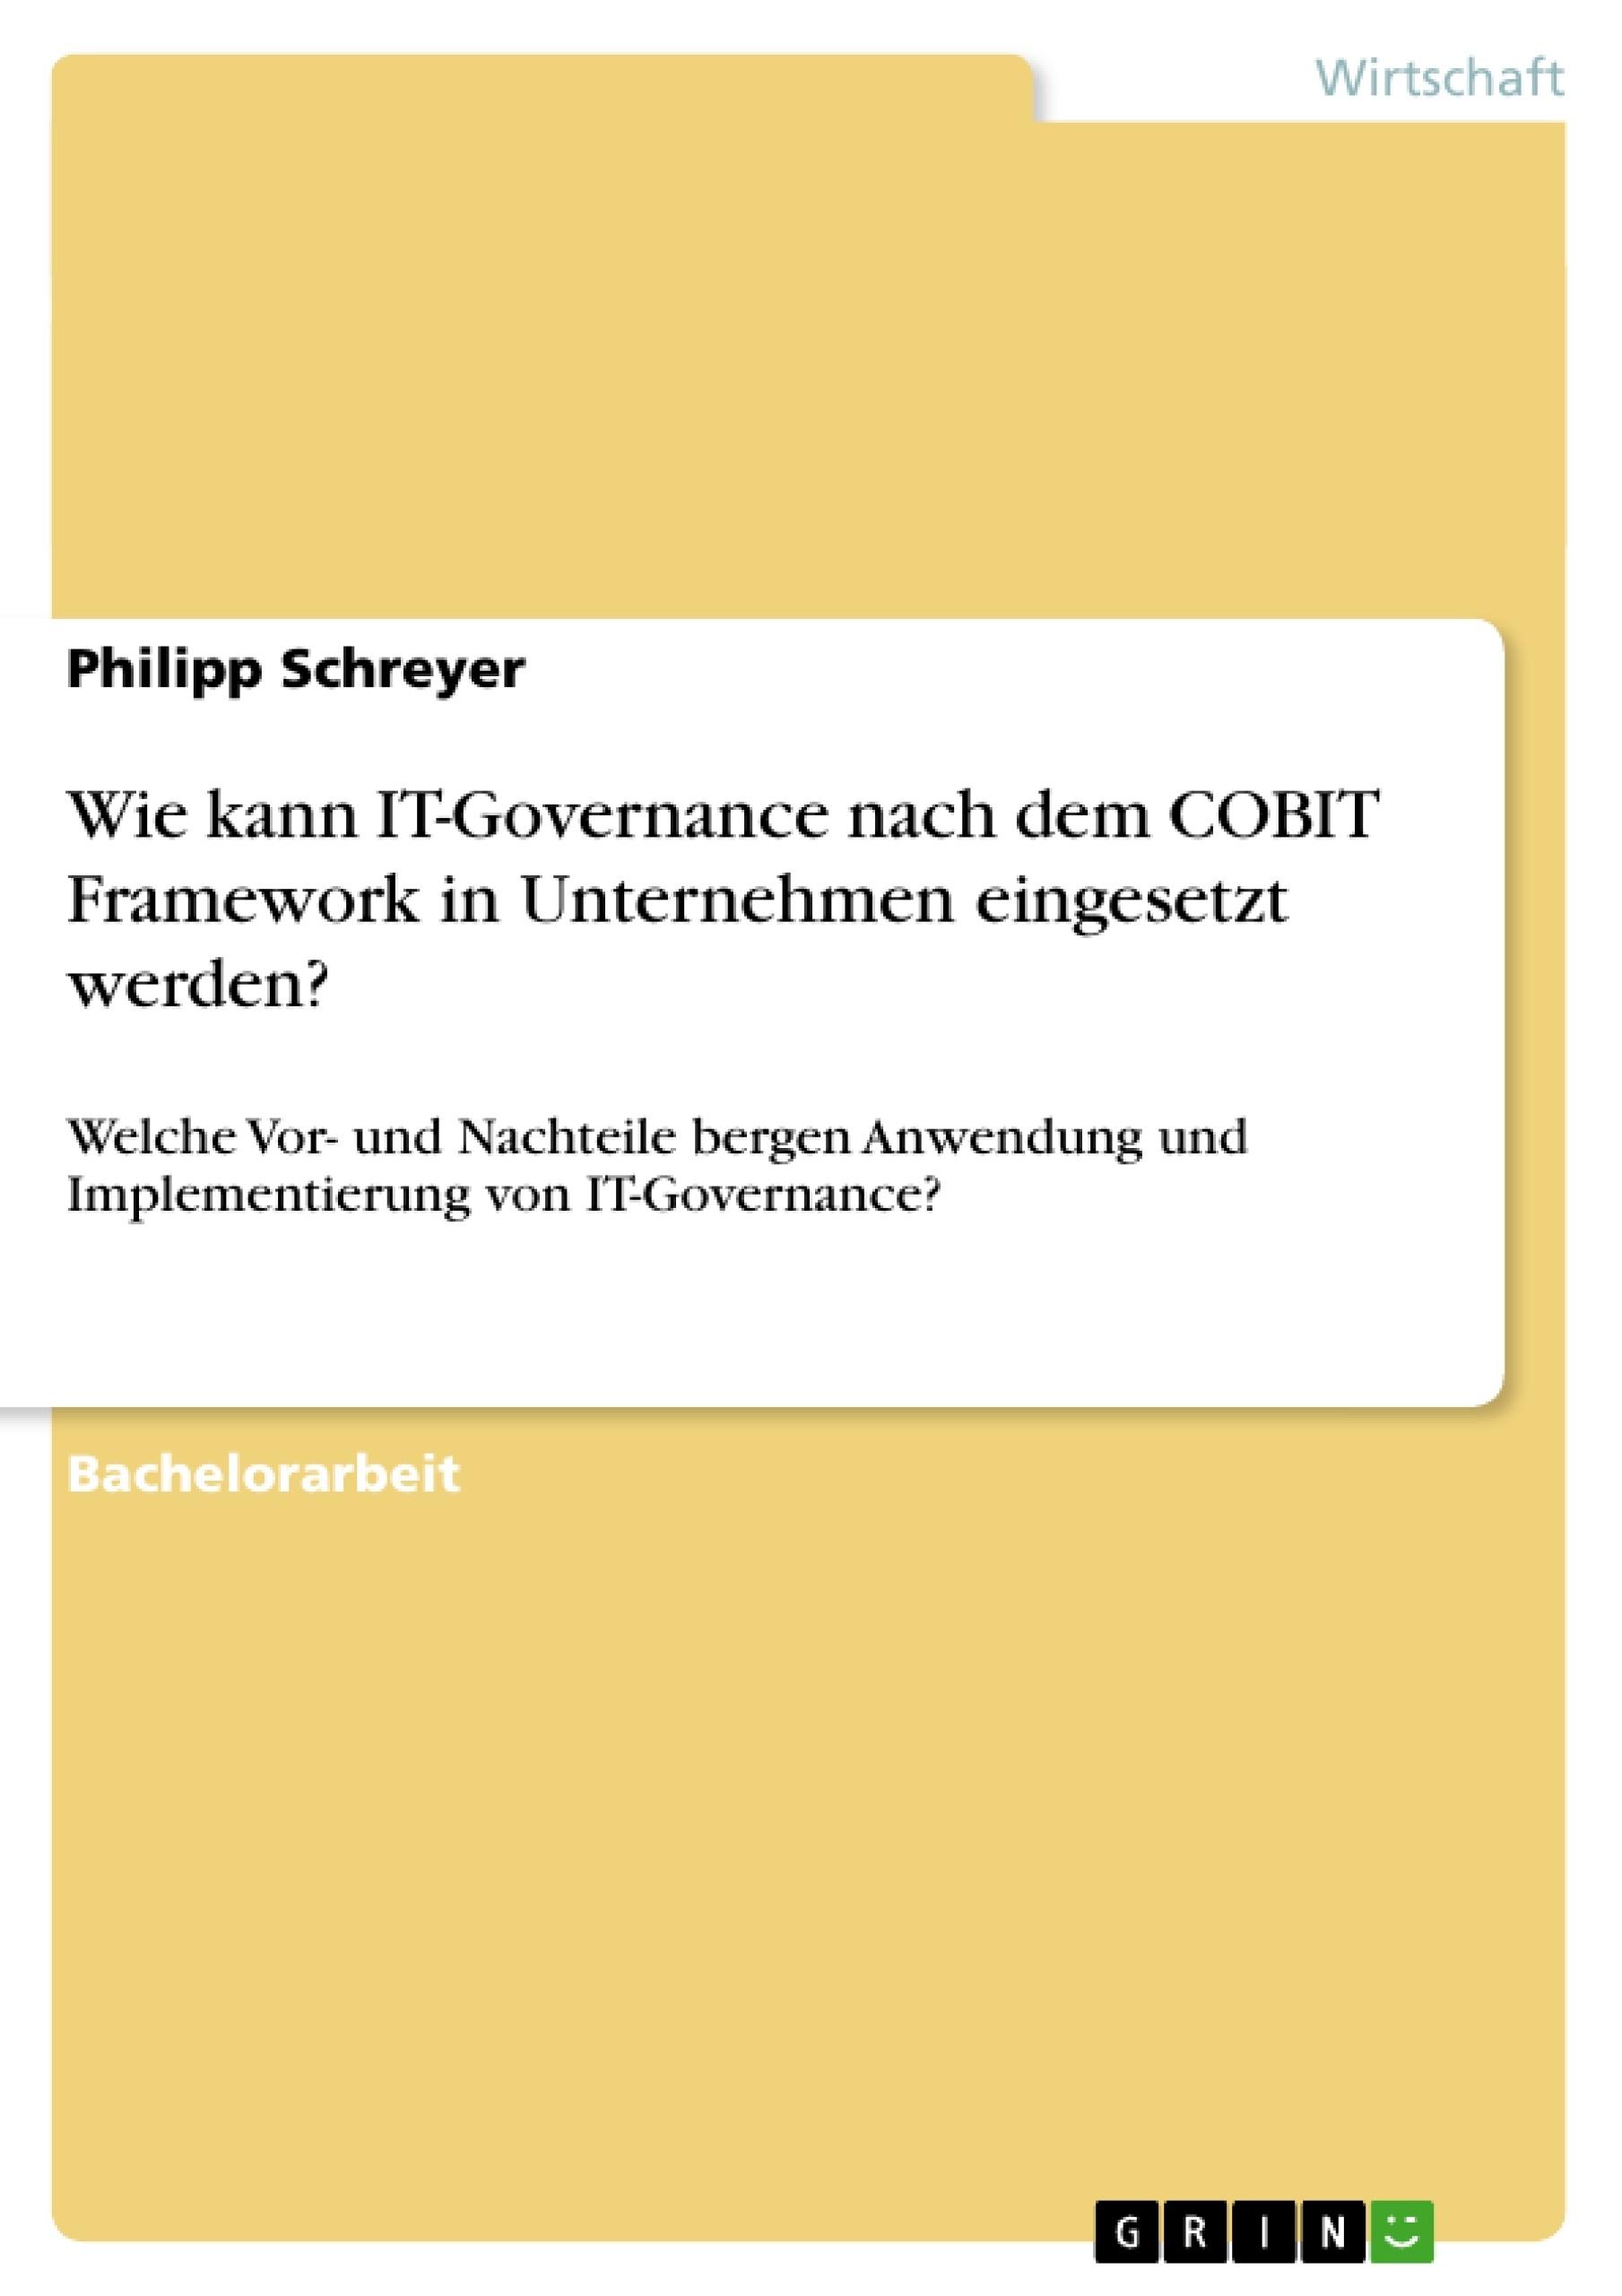 Titel: Wie kann IT-Governance nach dem COBIT Framework in Unternehmen eingesetzt werden?